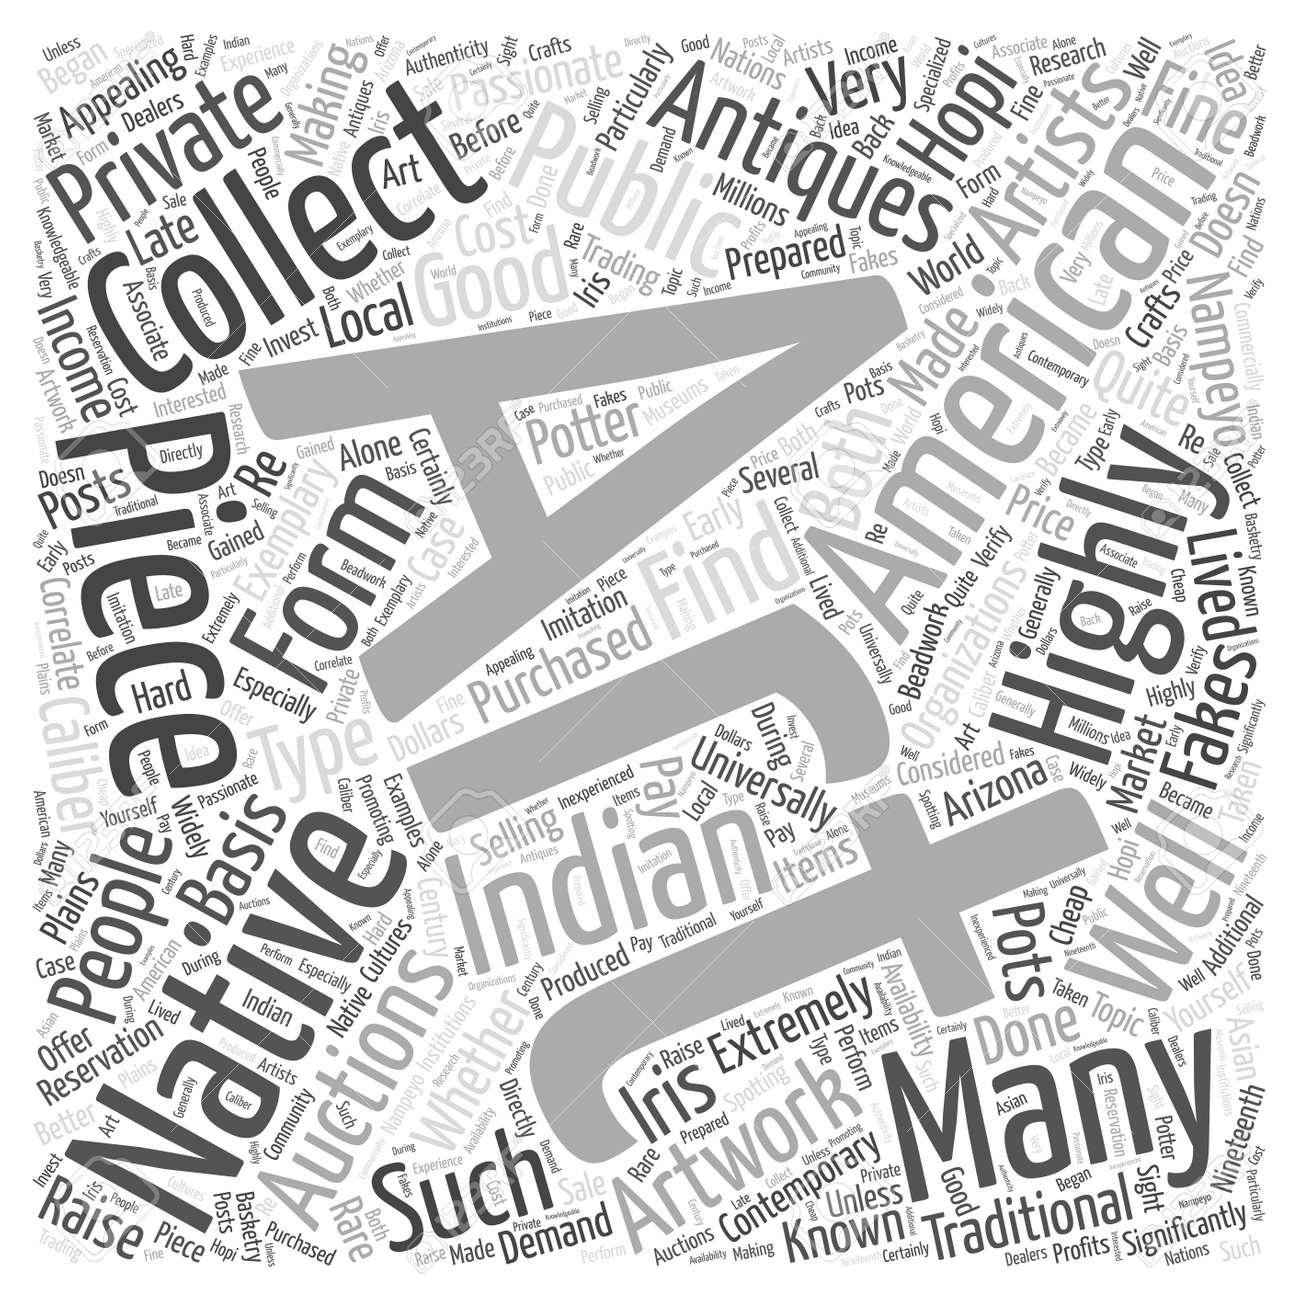 Ureinwohner Kunst Auktionen Kunst Antiquitäten Wort Cloud Konzept